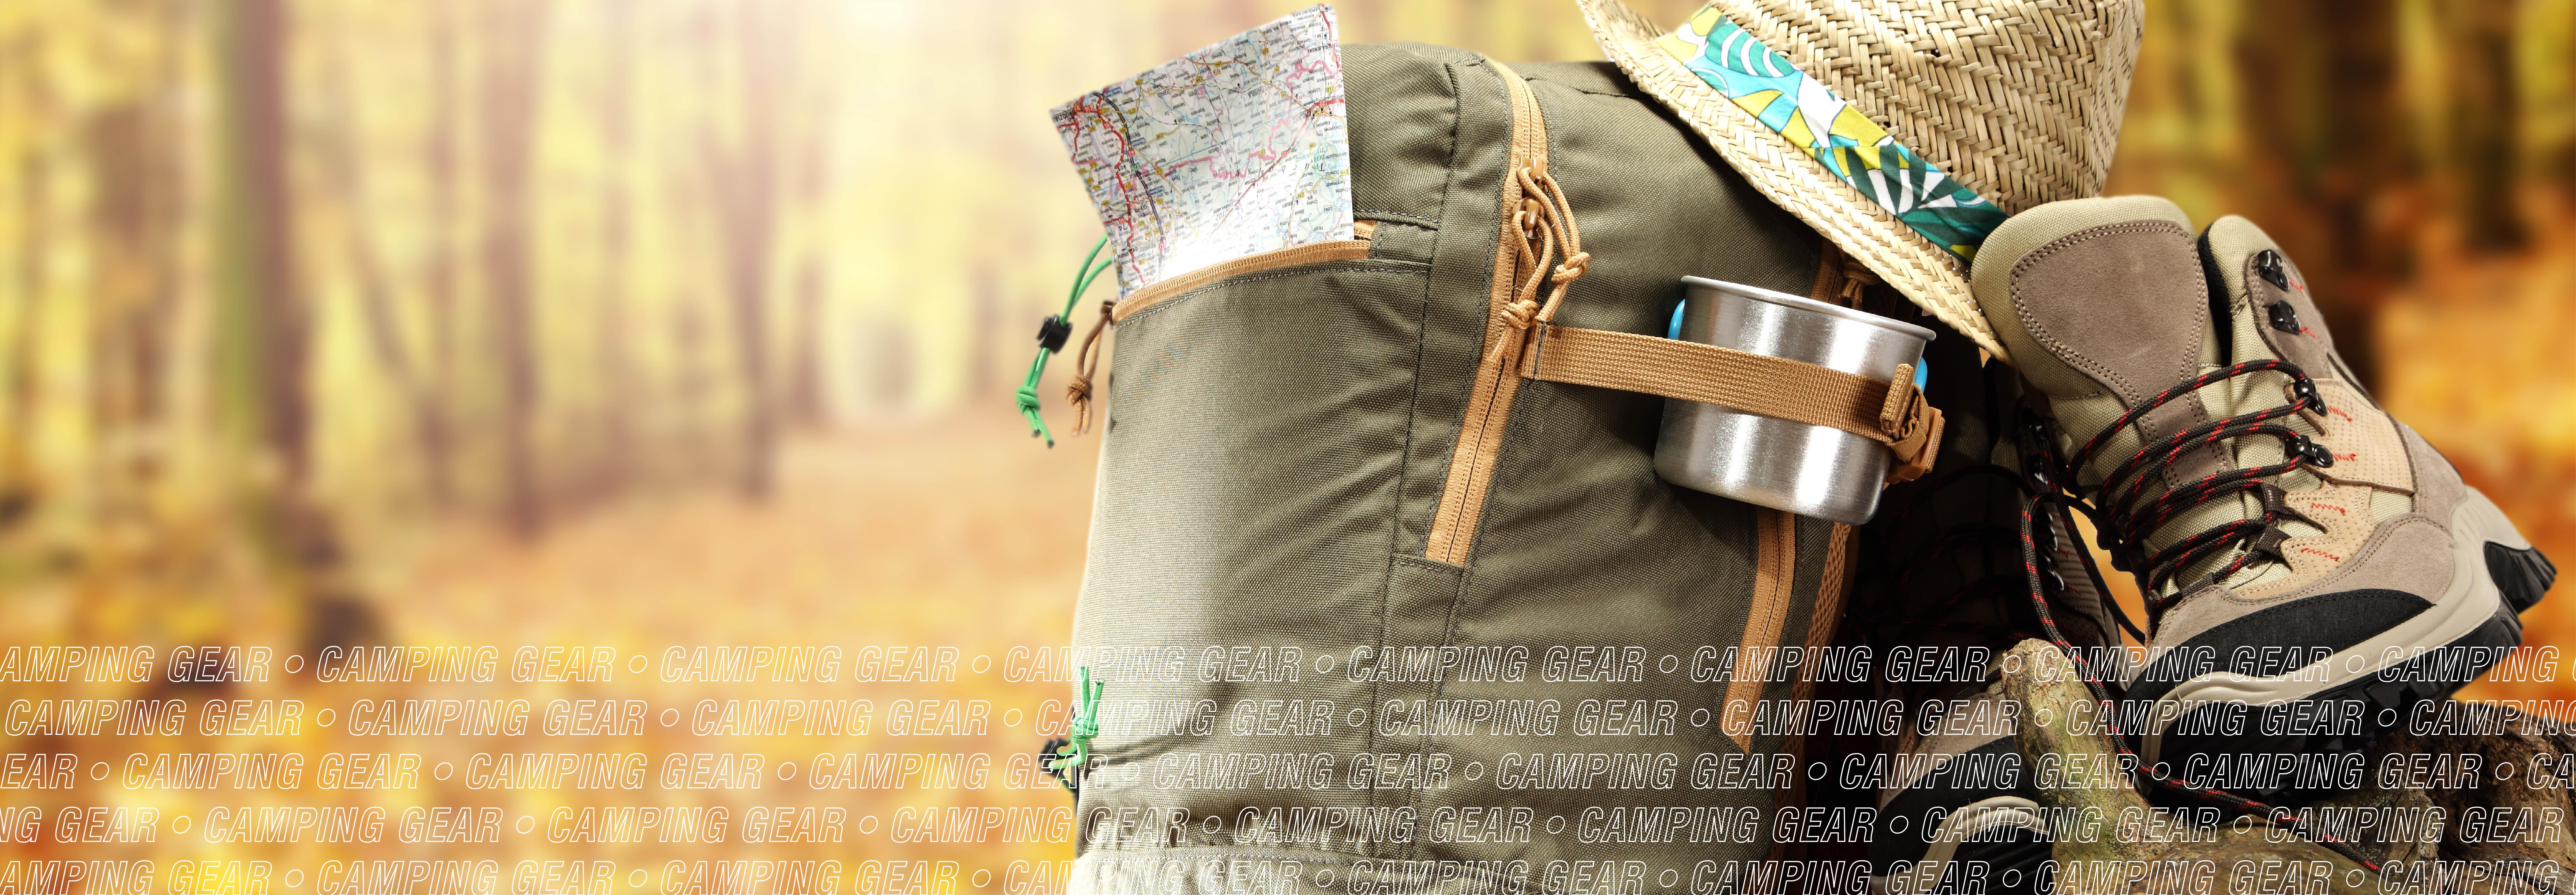 camping-gear-header2.jpg